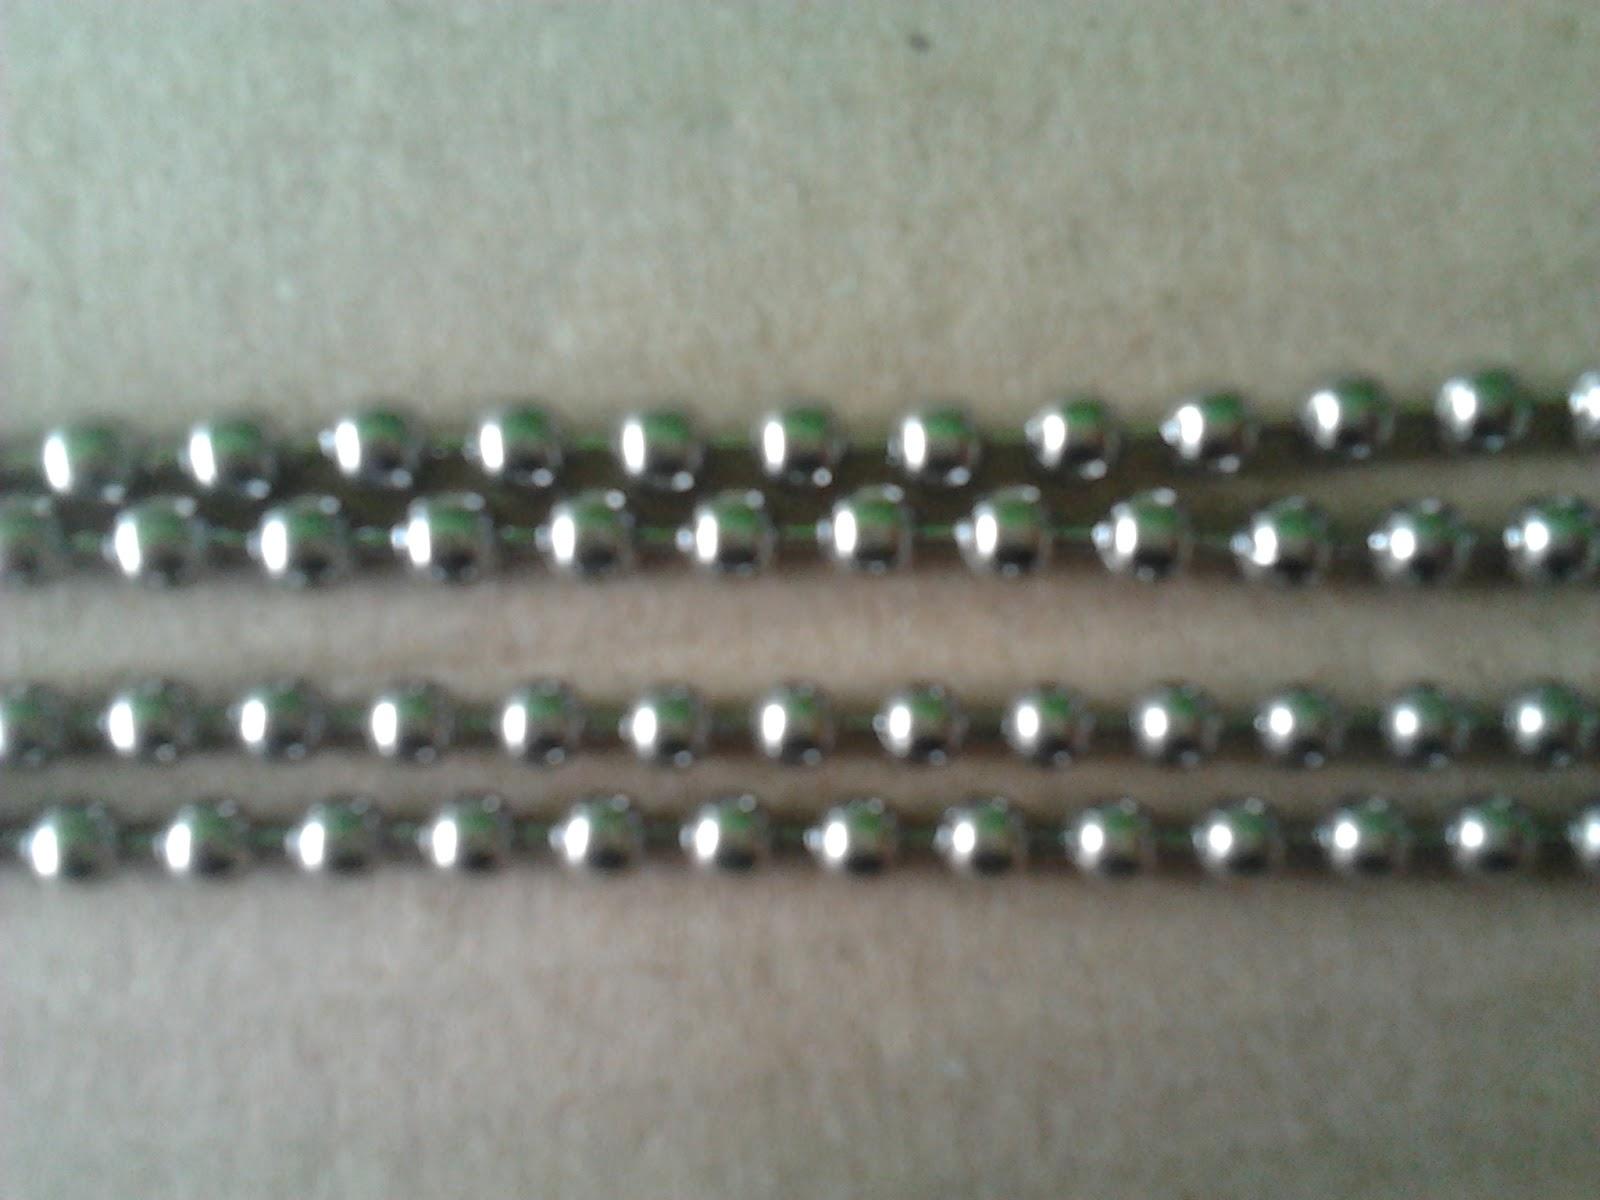 Produk Kalung Cowok Besi Putih: Macam macam Kalung Besi Putih